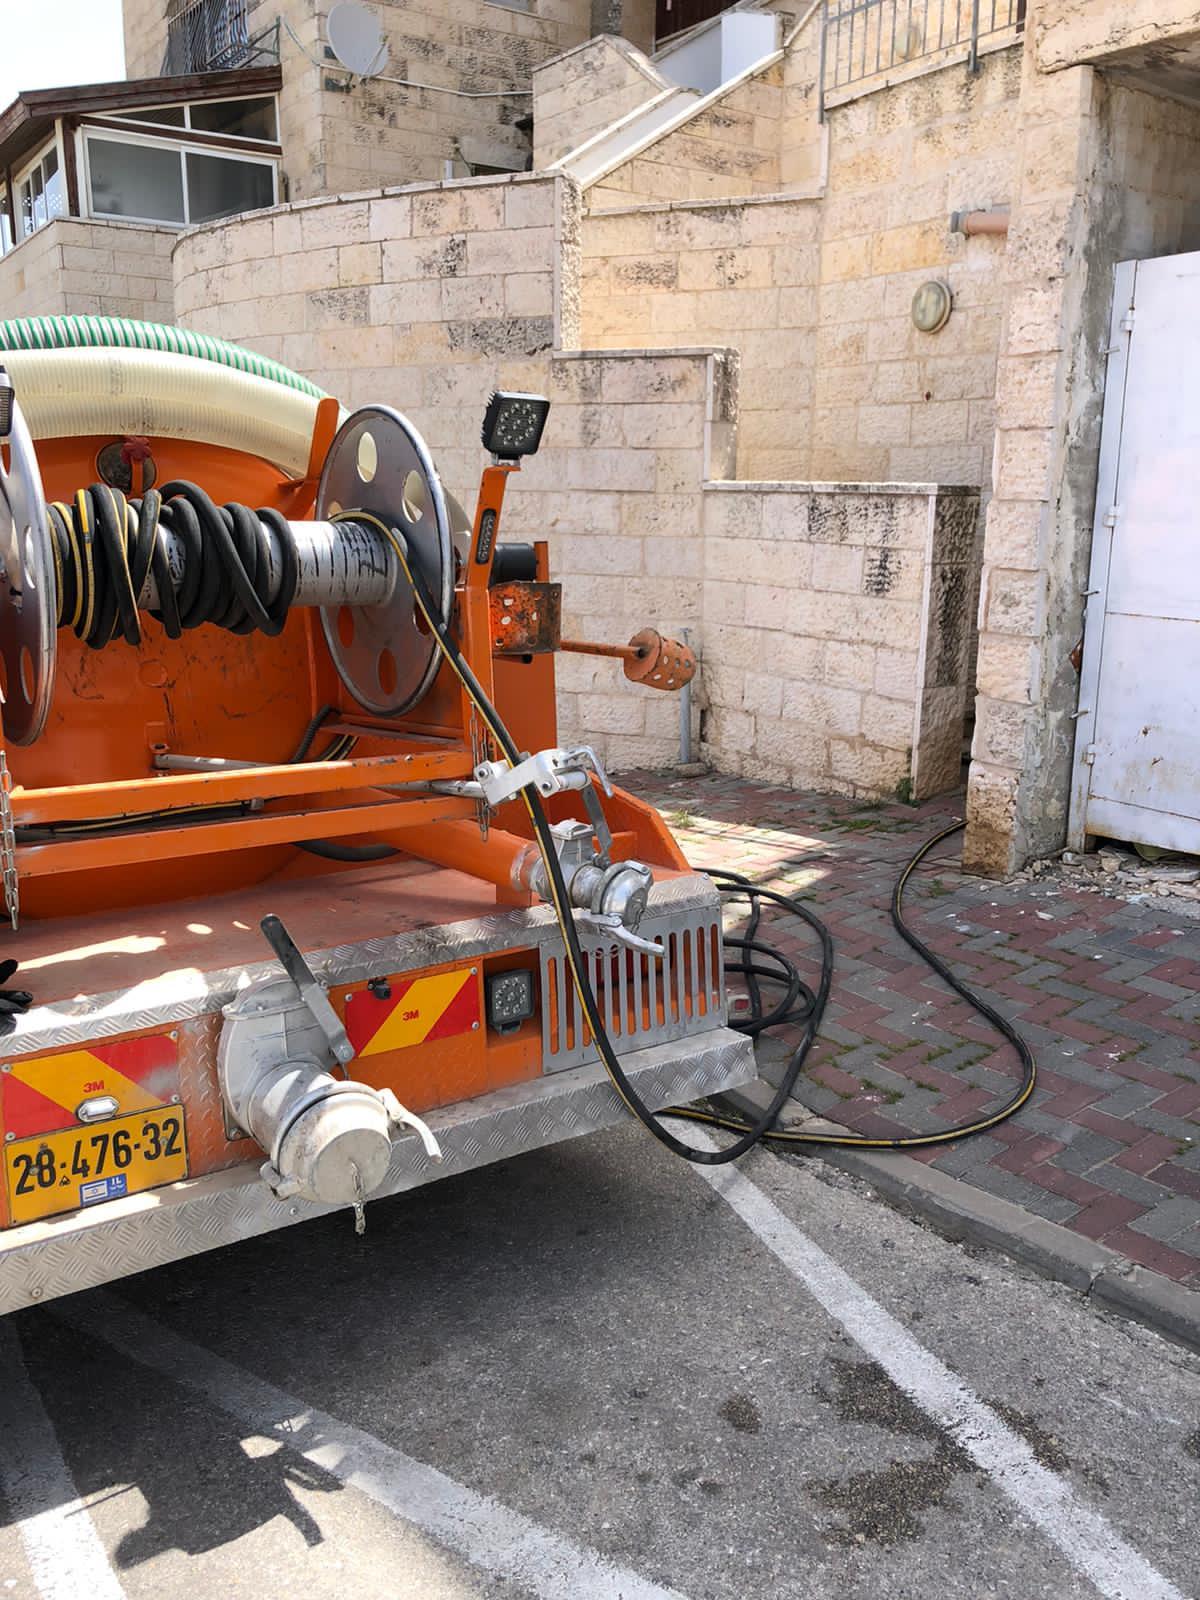 פתיחת סתימה בבניין מגורים משותף בצור בשכונת קטמון בירושלים.